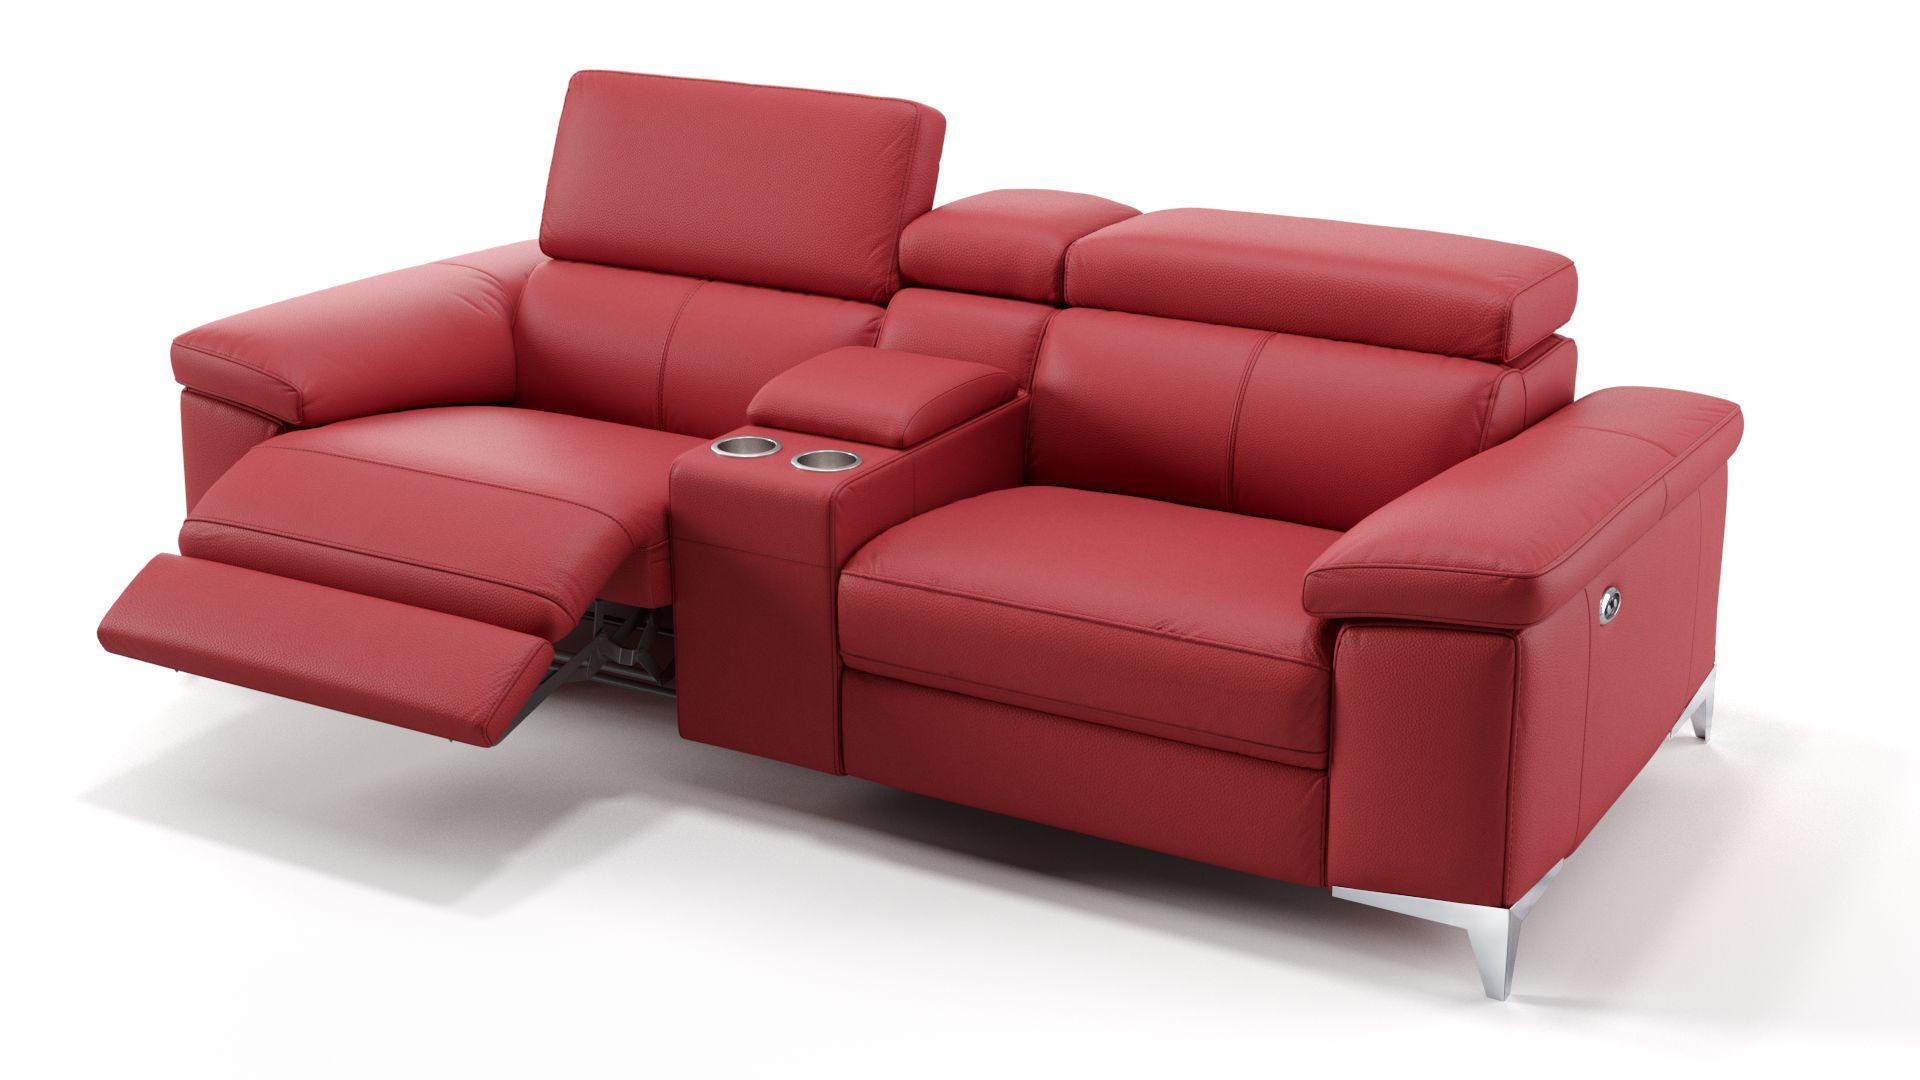 Leder 2-Sitzer Kinosofa mit einer Mittelkonsole VENOSA